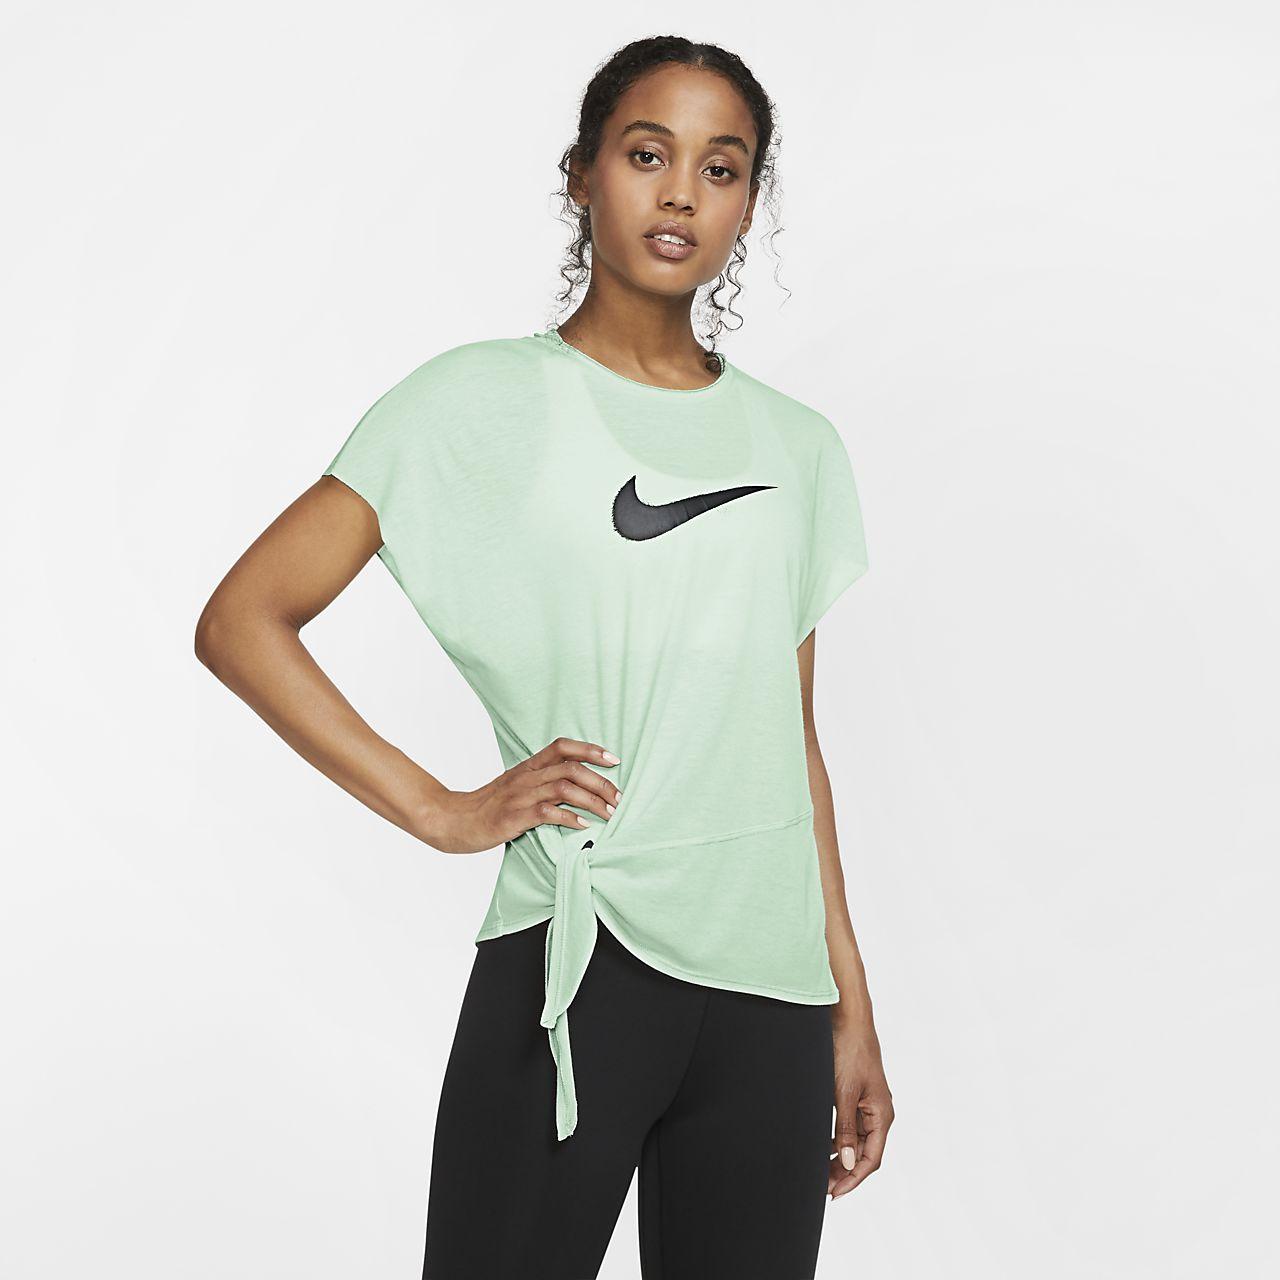 Γυναικεία κοντομάνικη μπλούζα προπόνησης Nike Dri-FIT